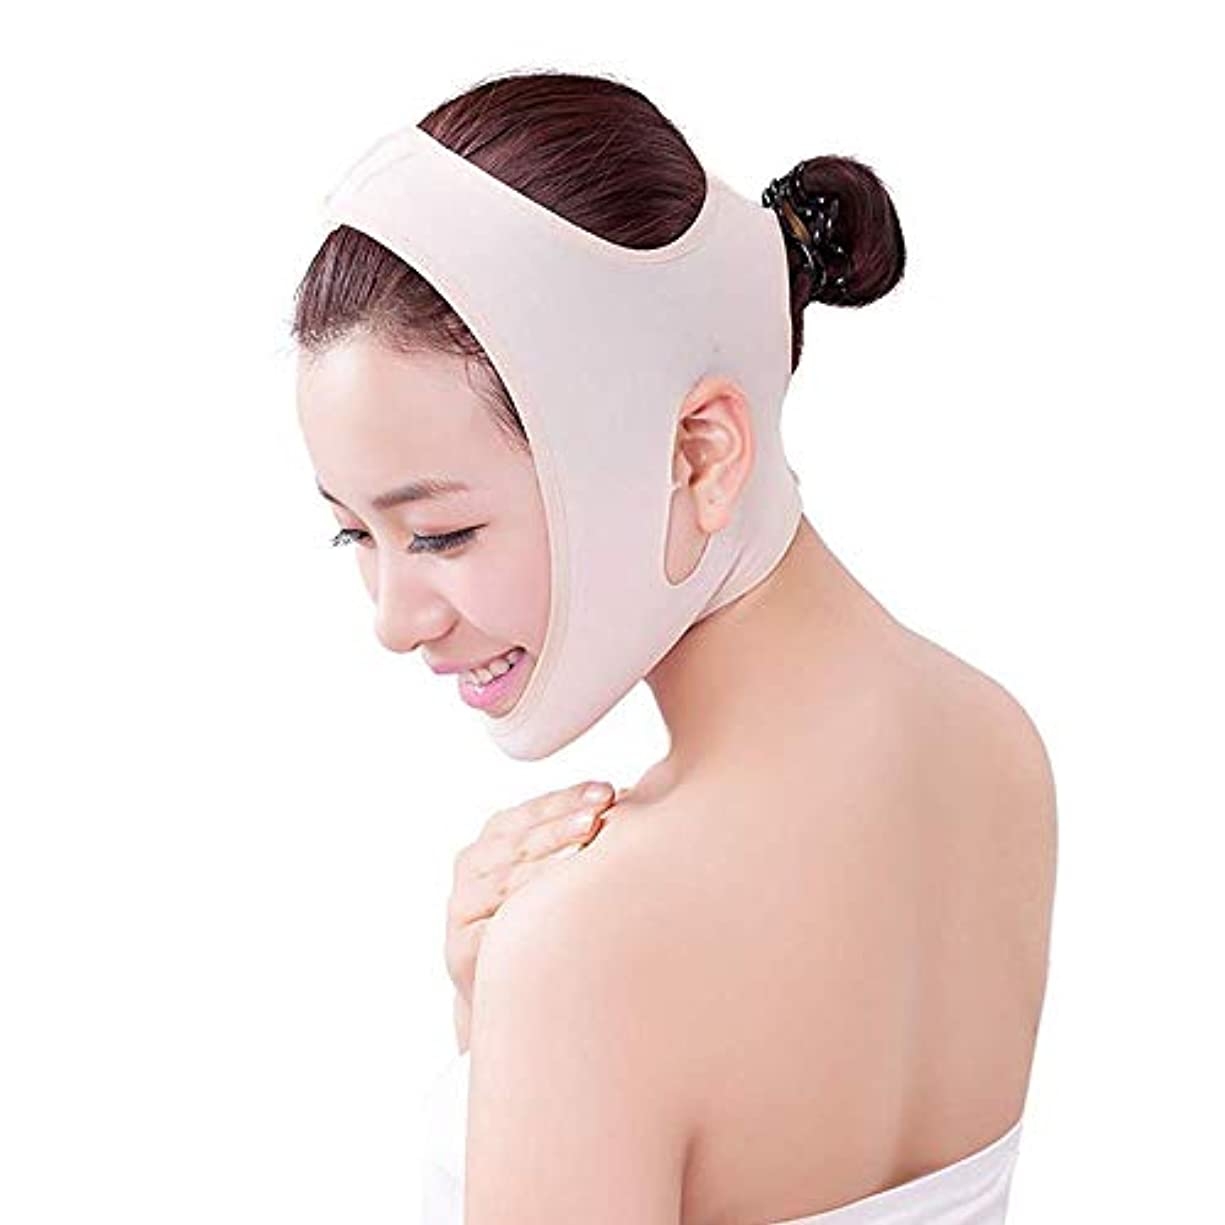 ルネッサンス灌漑かなりの薄型フェイスベルト - 男性用および女性用の包帯をフランスの顔用リフティングマスク器具に引き締める薄型フェイスVフェイス薄型ダブルチンフェイスリフティングベルト(サイズ:M),S